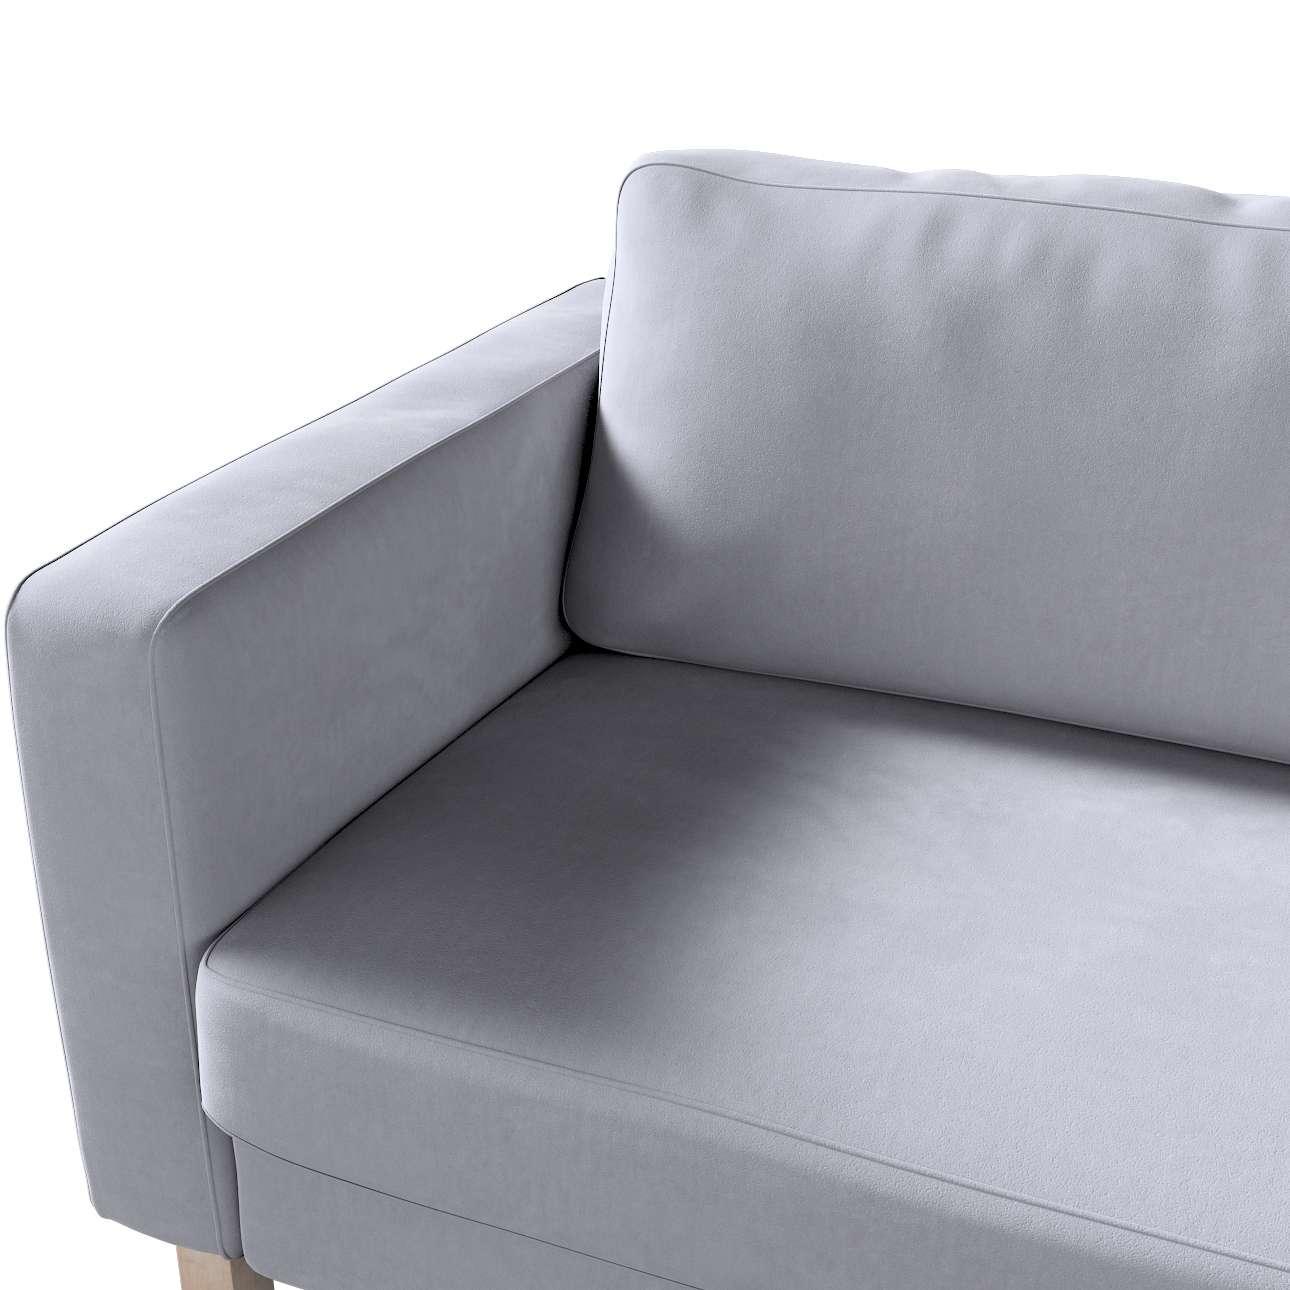 Potah na pohovku IKEA  Karlstad 3-místná, nerozkládací, krátký v kolekci Velvet, látka: 704-24